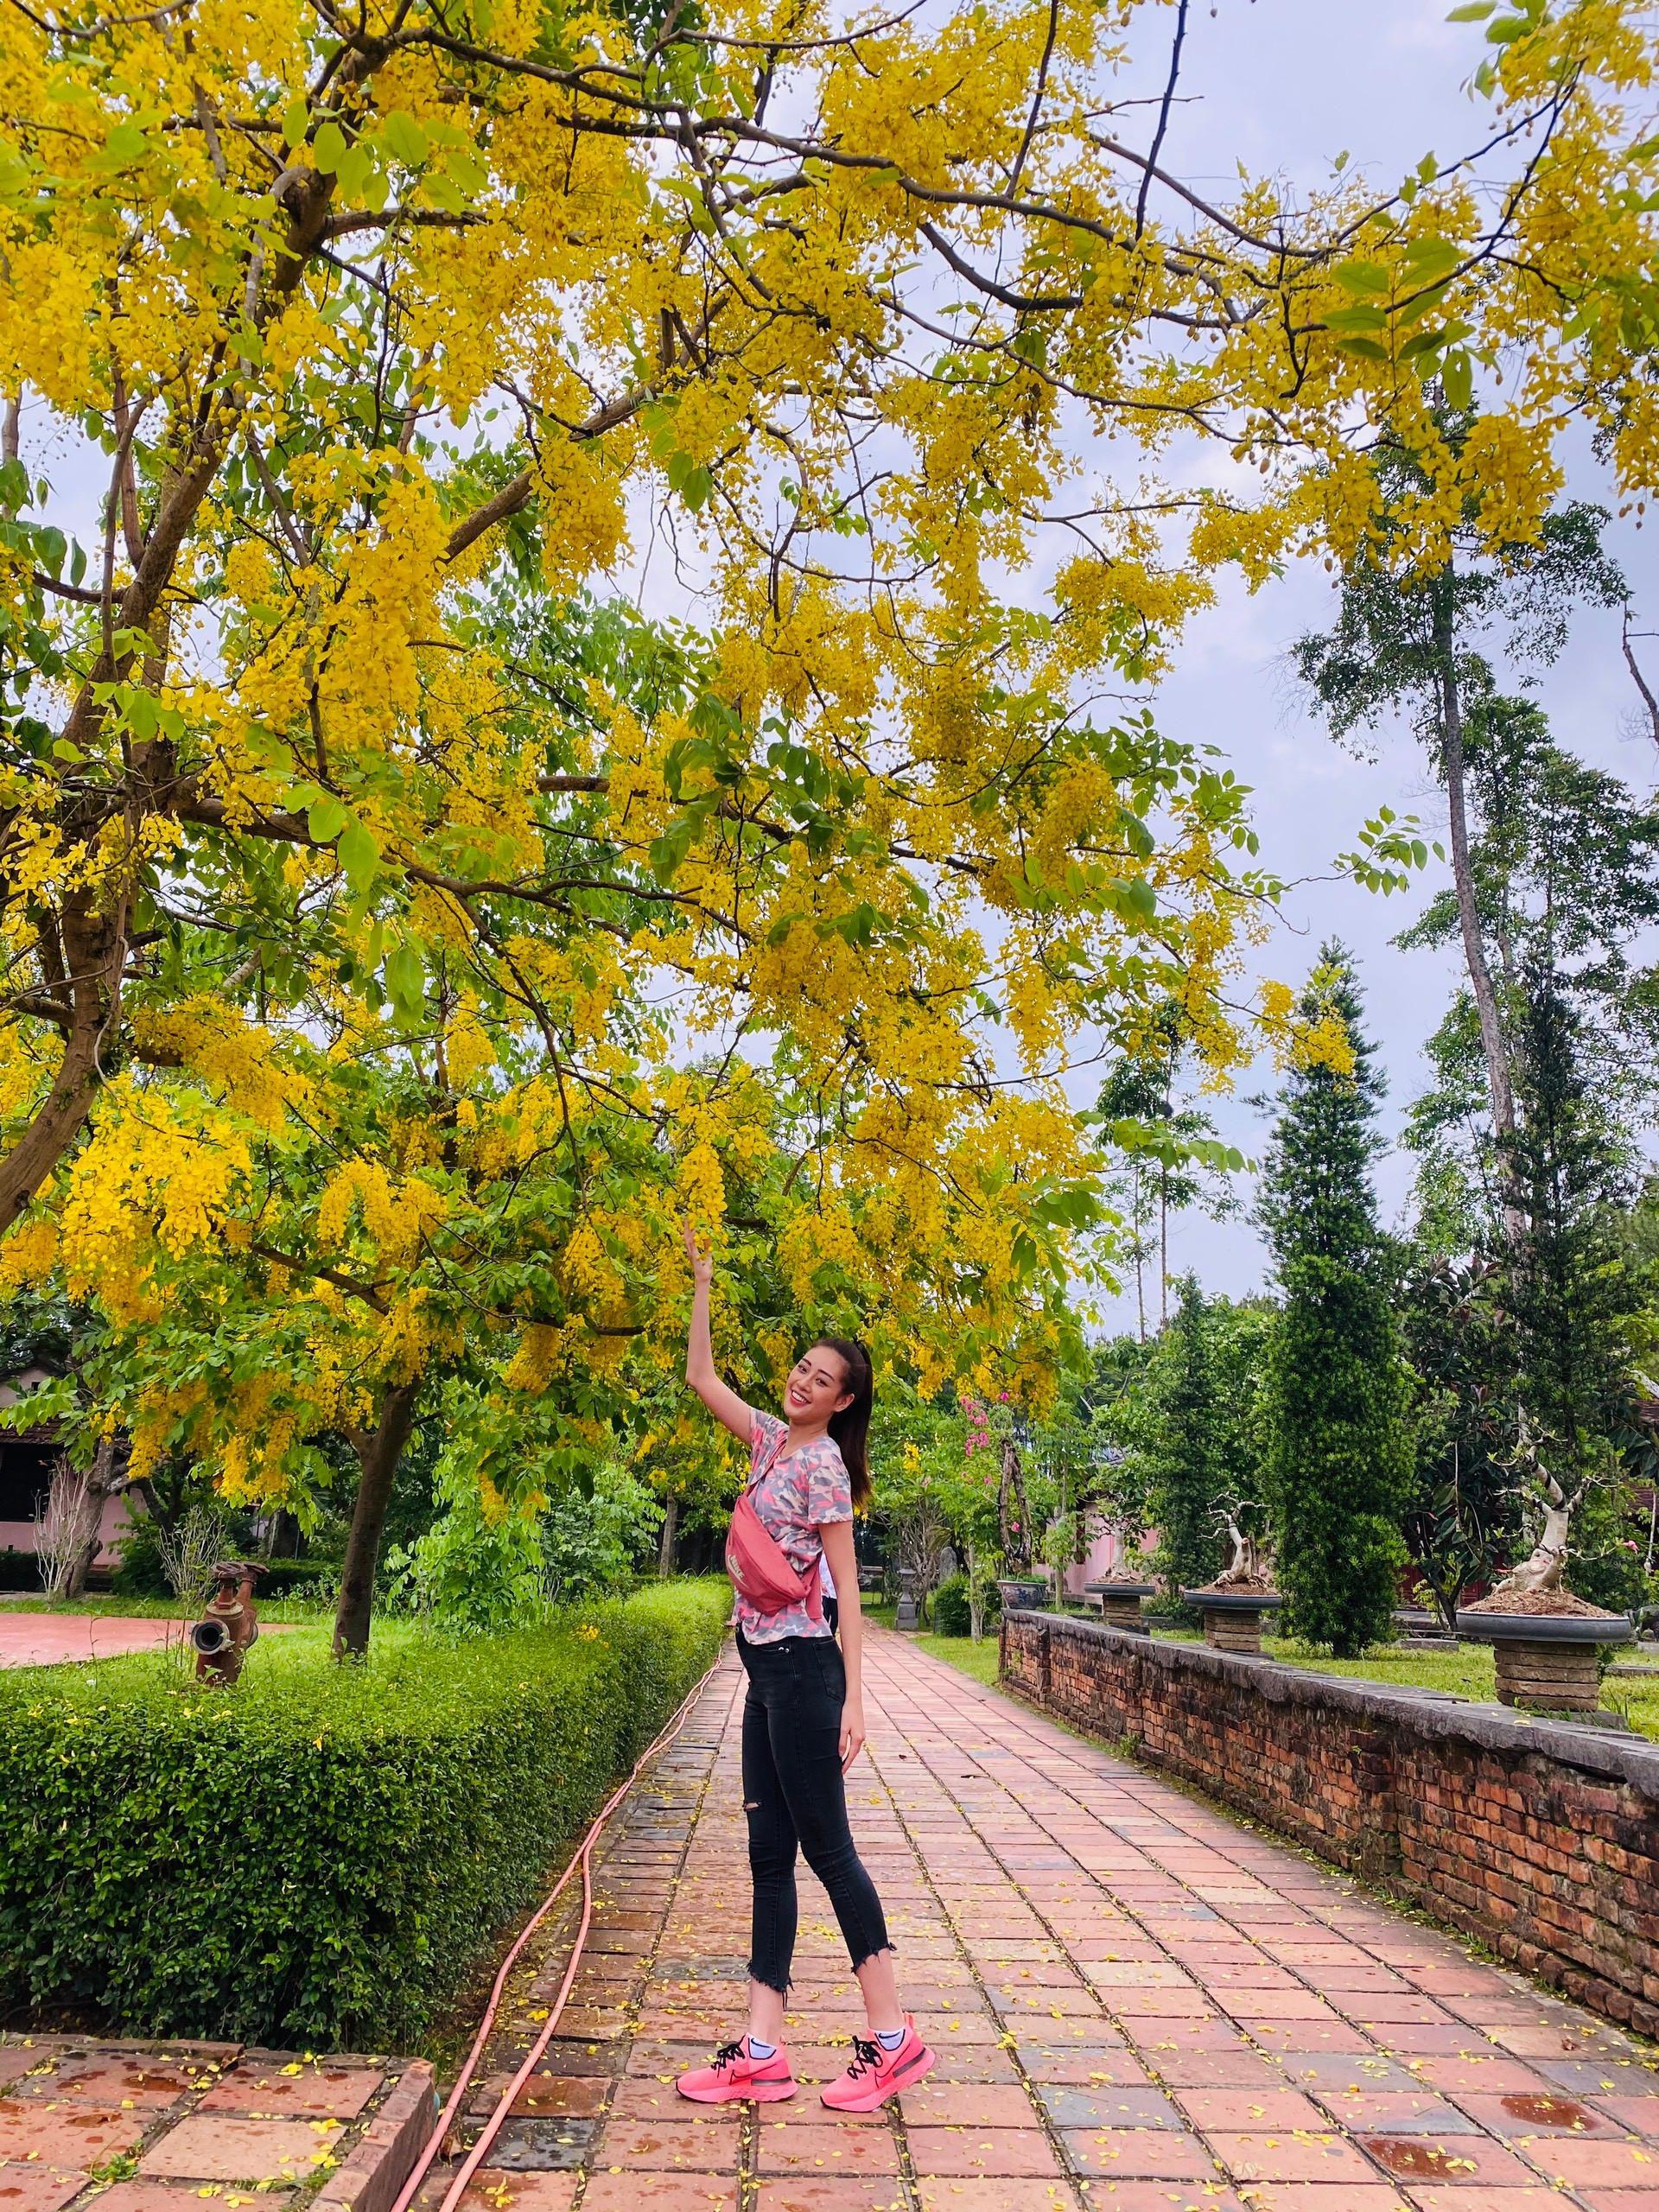 Hoa hậu Khánh Vân diện áo dài tím hóa thành cô gái xứ Huế Ảnh 8